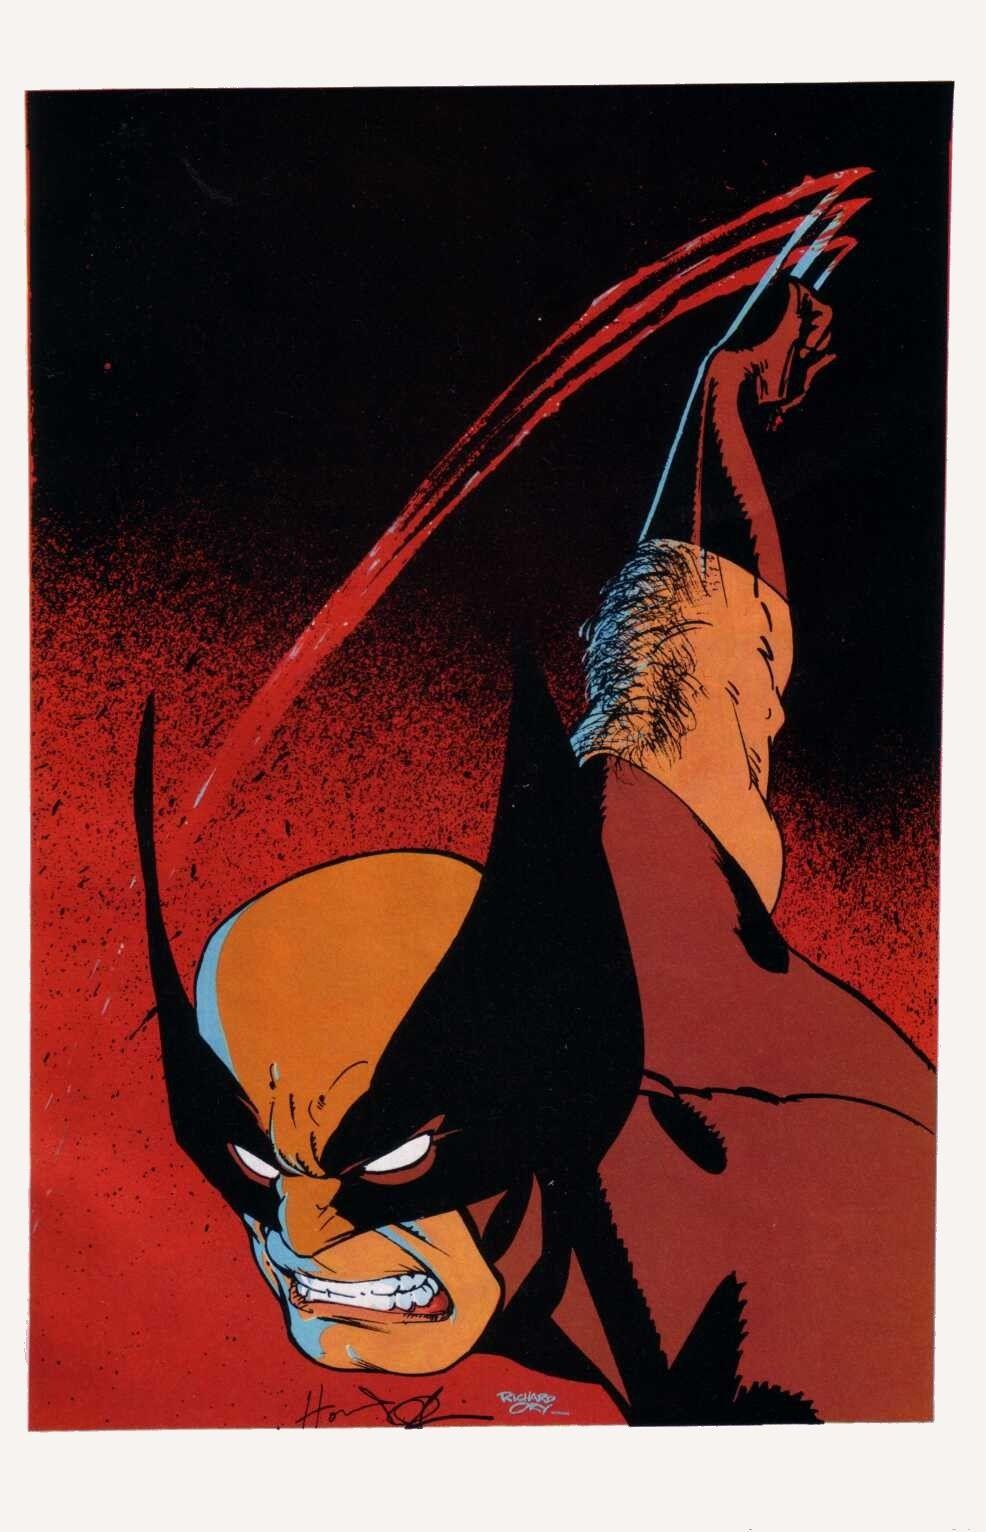 Wolverine by Howard Chaykin